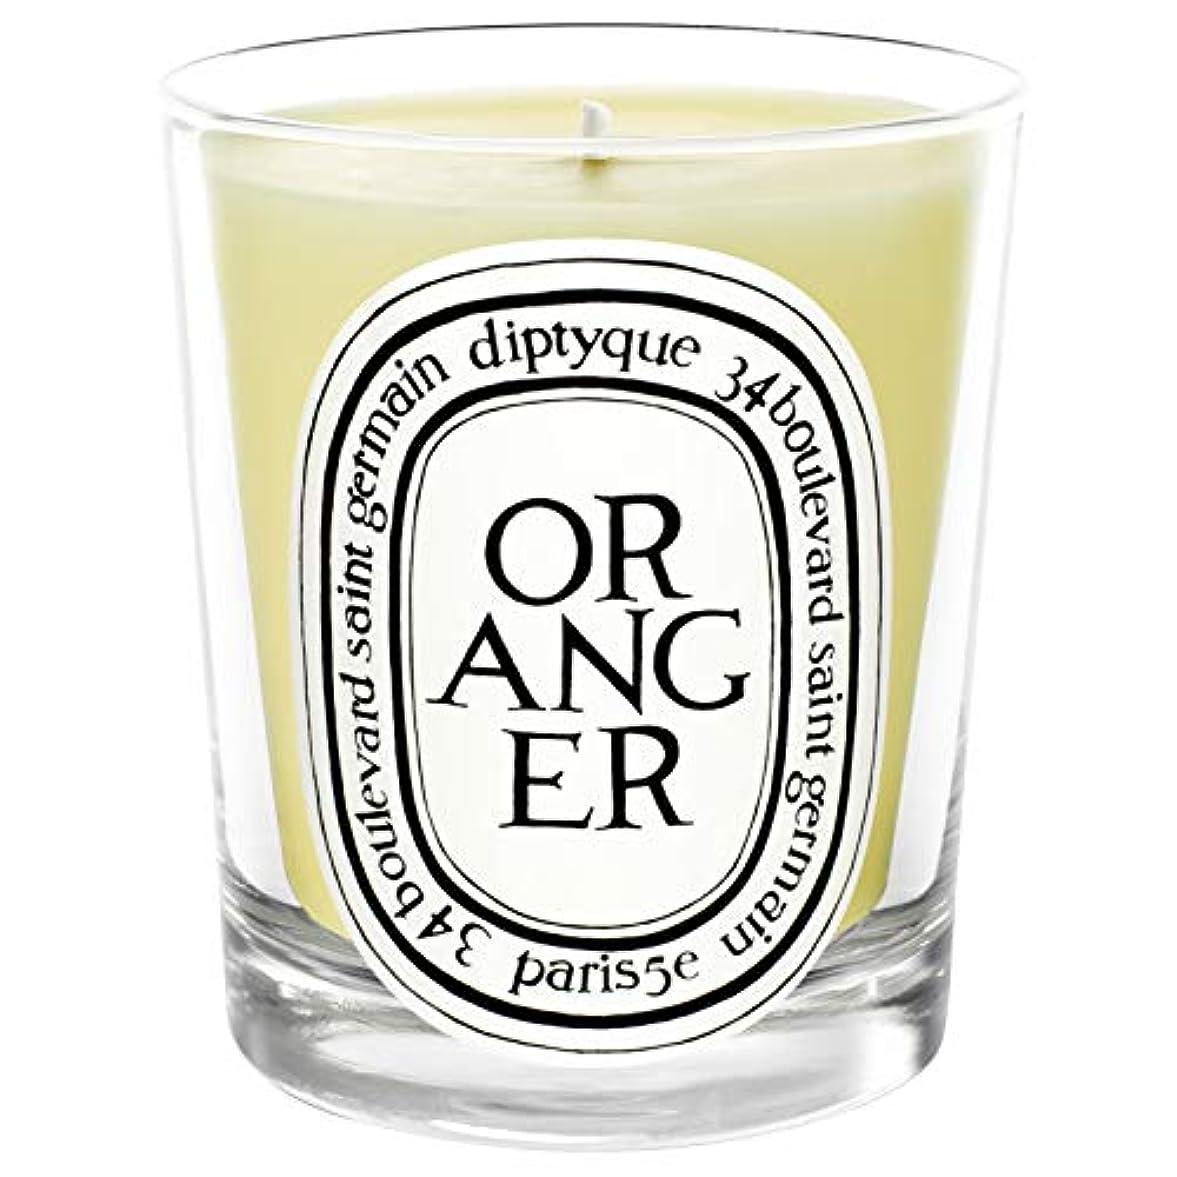 発見する不透明な減少[Diptyque] Diptyqueのオランジェ香りのキャンドル190グラム - Diptyque Oranger Scented Candle 190g [並行輸入品]